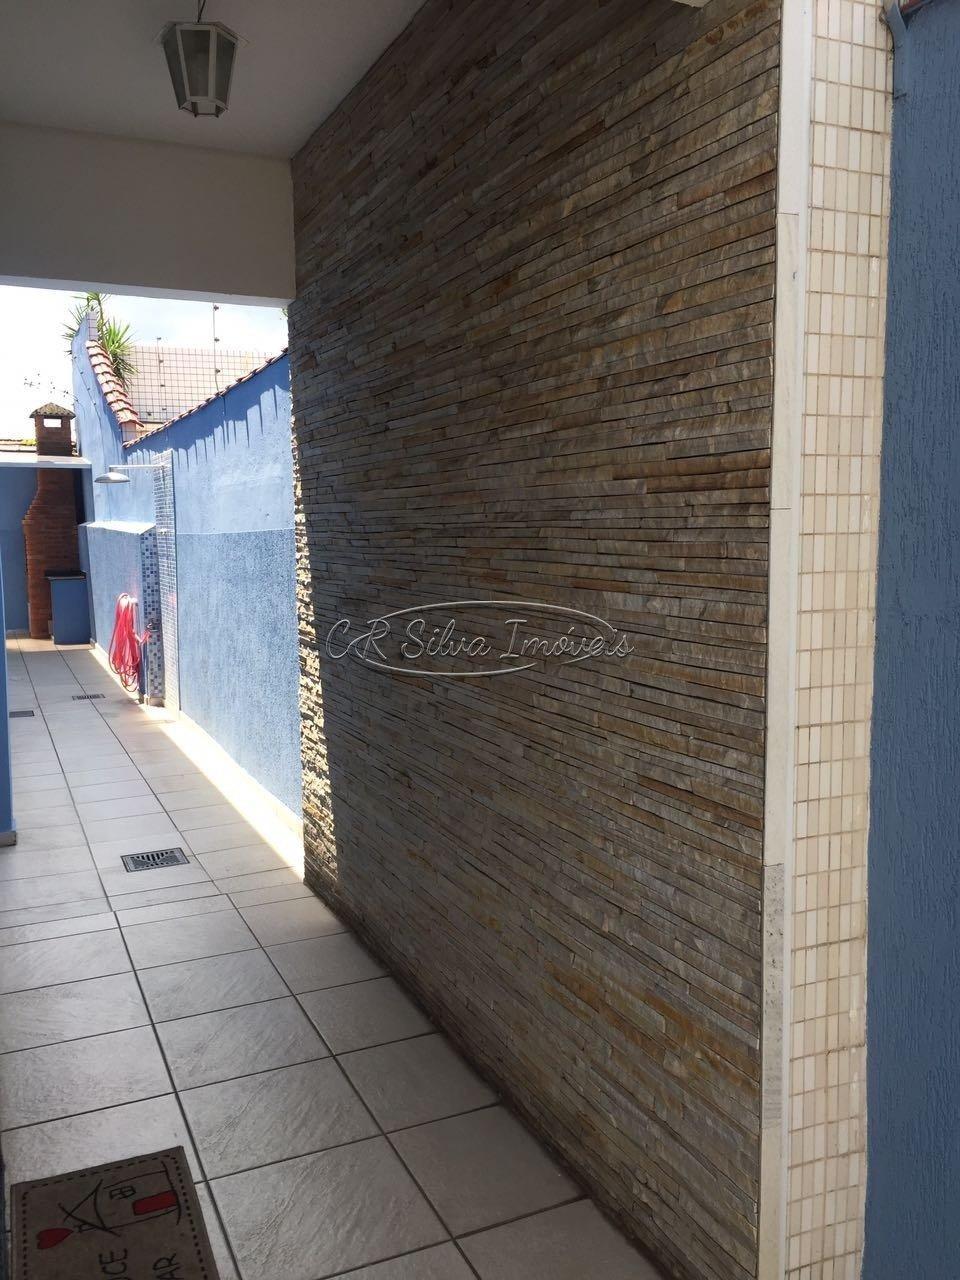 Sobrado com 3 dormitórios à venda, 129 m² por R$ 600.000,00 - Santa Maria - Santos/SP